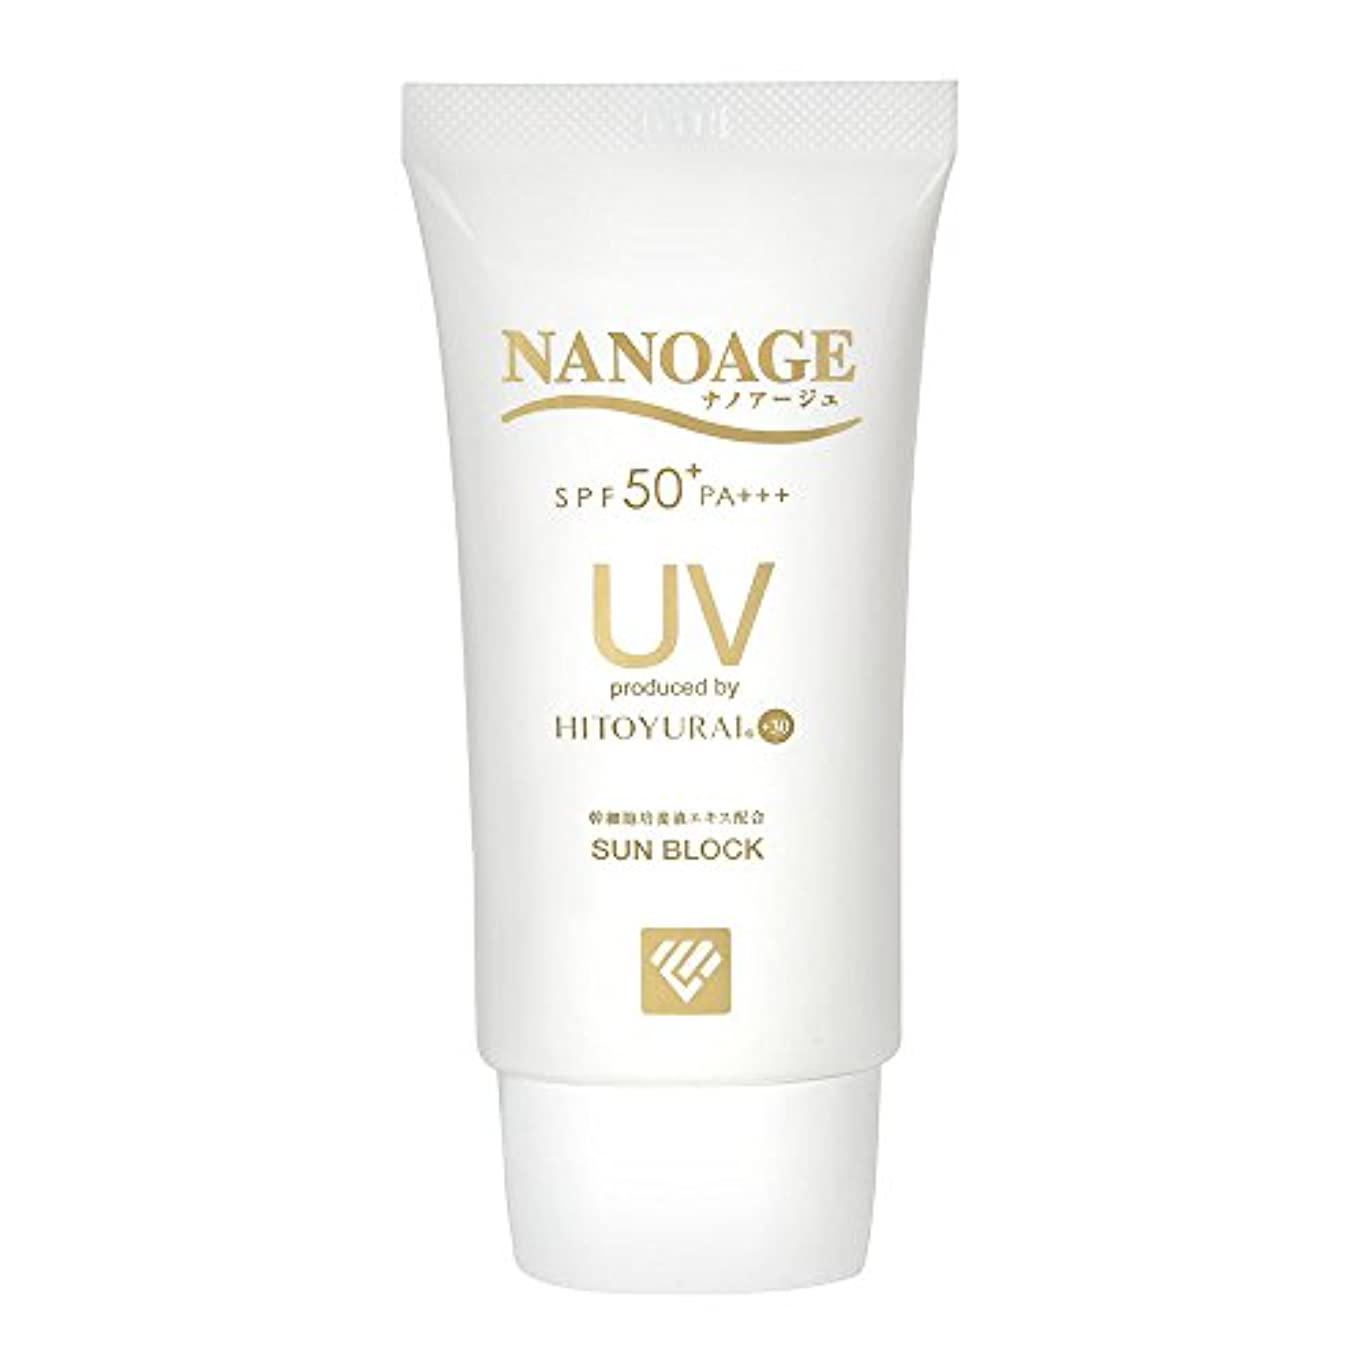 スカーフそれぞれ用語集NANOAGE(ナノアージュ) UVクリーム SPF50+ PA+++ 40ml